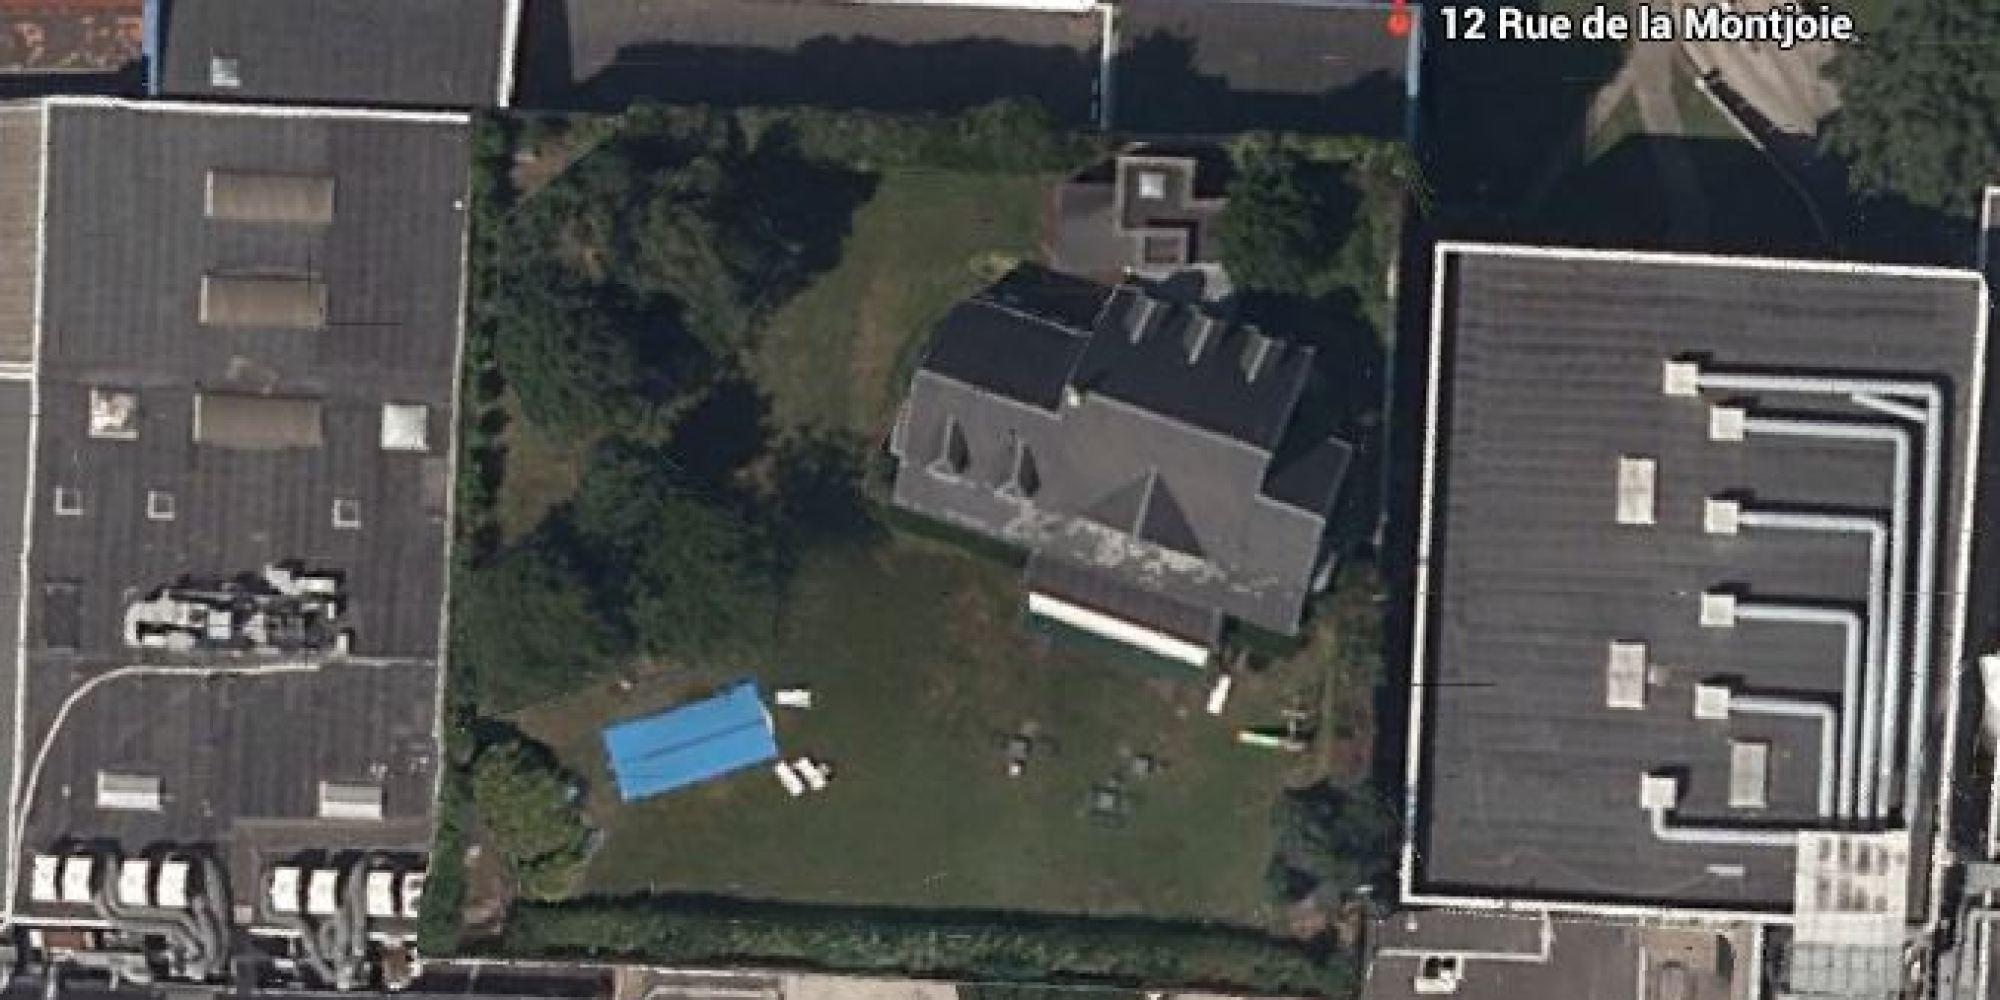 Secret story la maison des secrets sur le toit d 39 un immeubl - Ou se trouve la maison de secret story ...